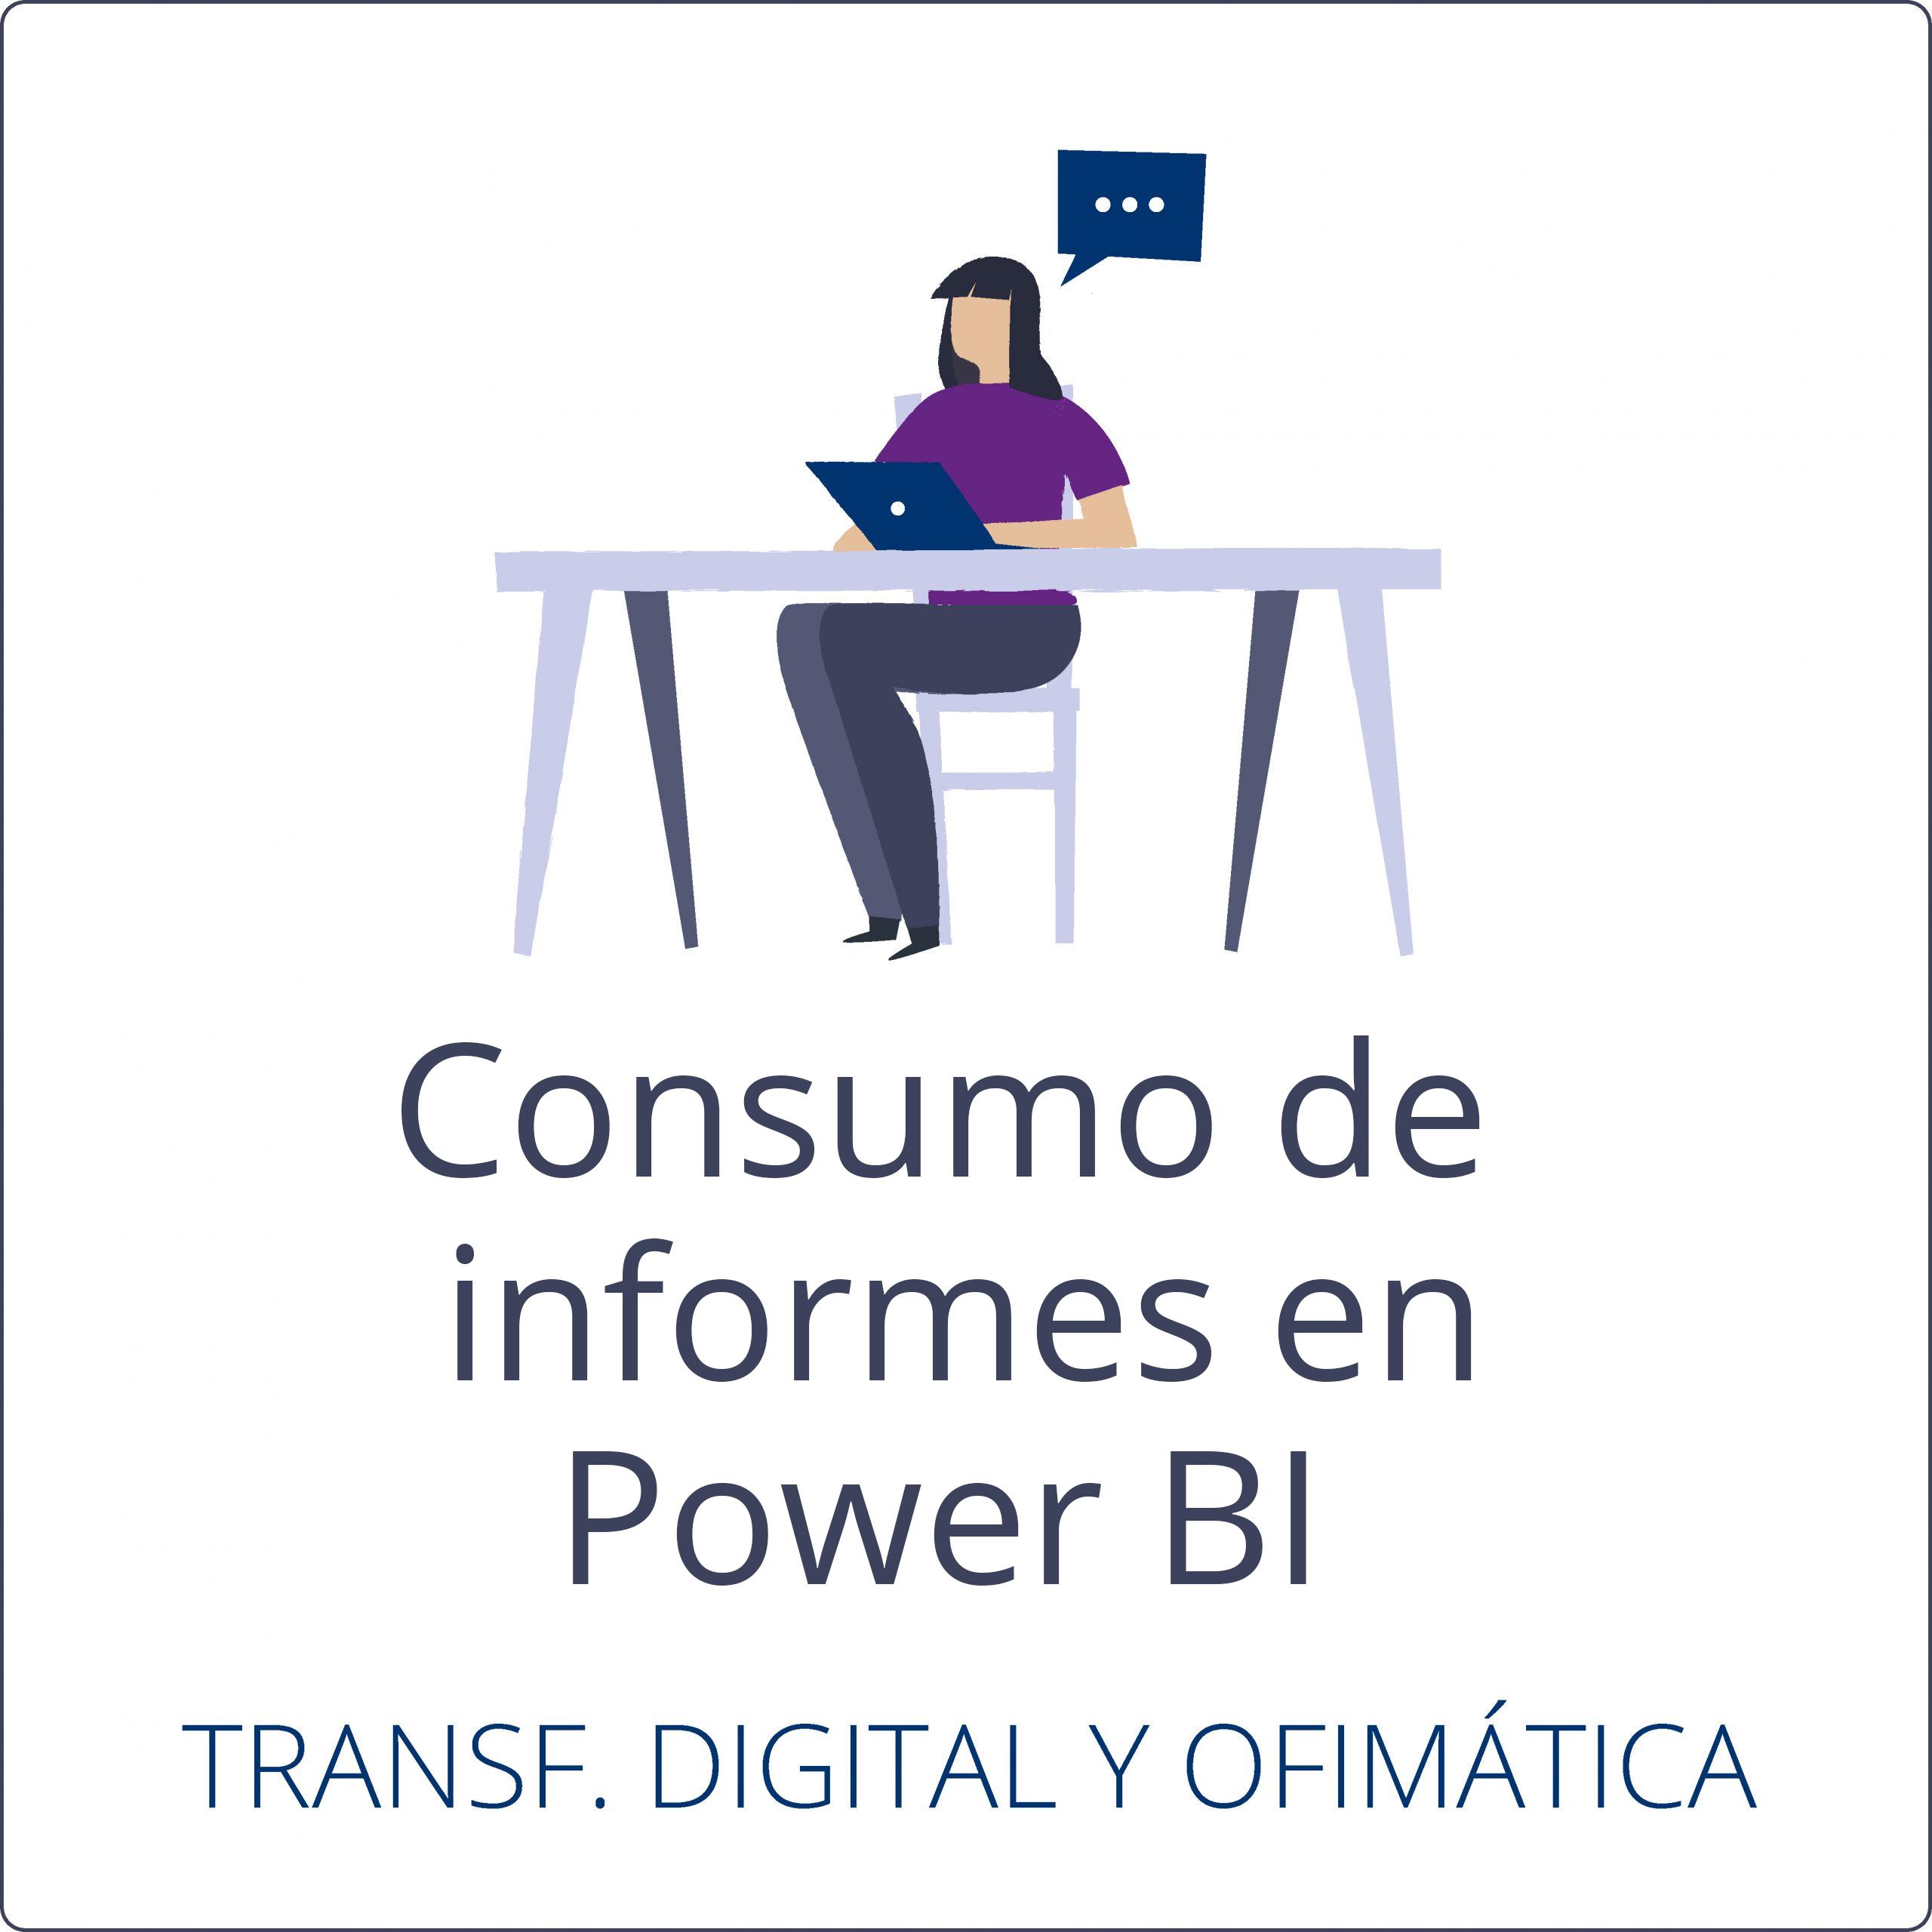 Consumo de informes en Power BI